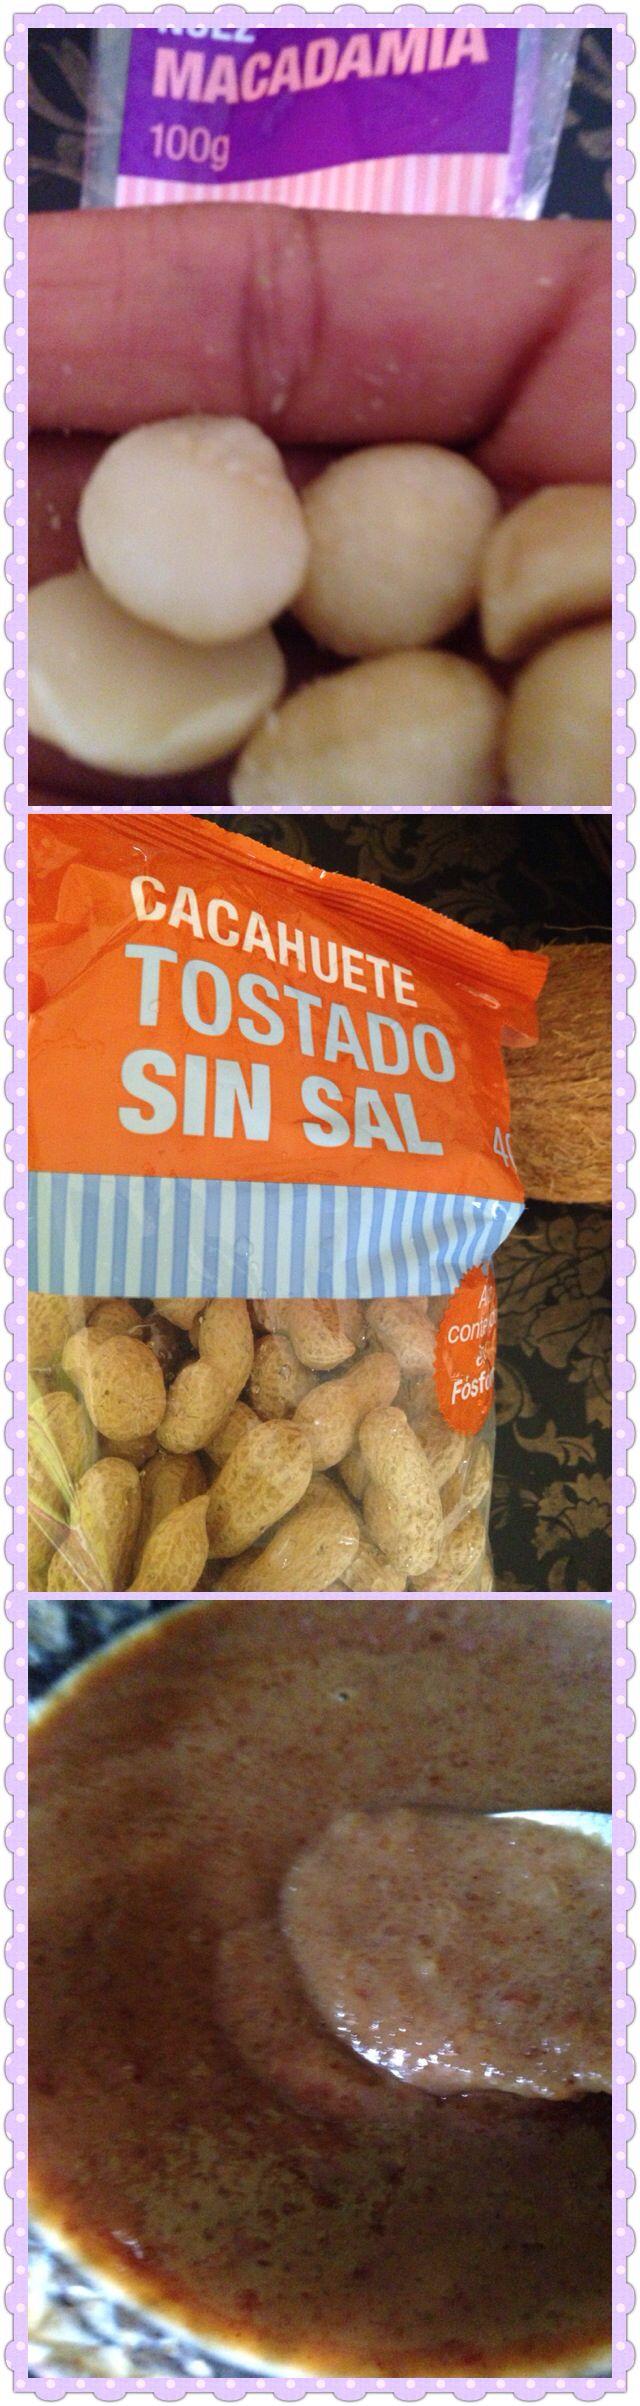 Dulce: nuez de Macadamia, cacahuete, leche de nuez del Brasil, todas las nueces ya trituradas, añades canela, azúcar de coco, vainilla,poner al fuego y deja que se haga lentamente. Si deseas añades un chorro de leche evaporada.